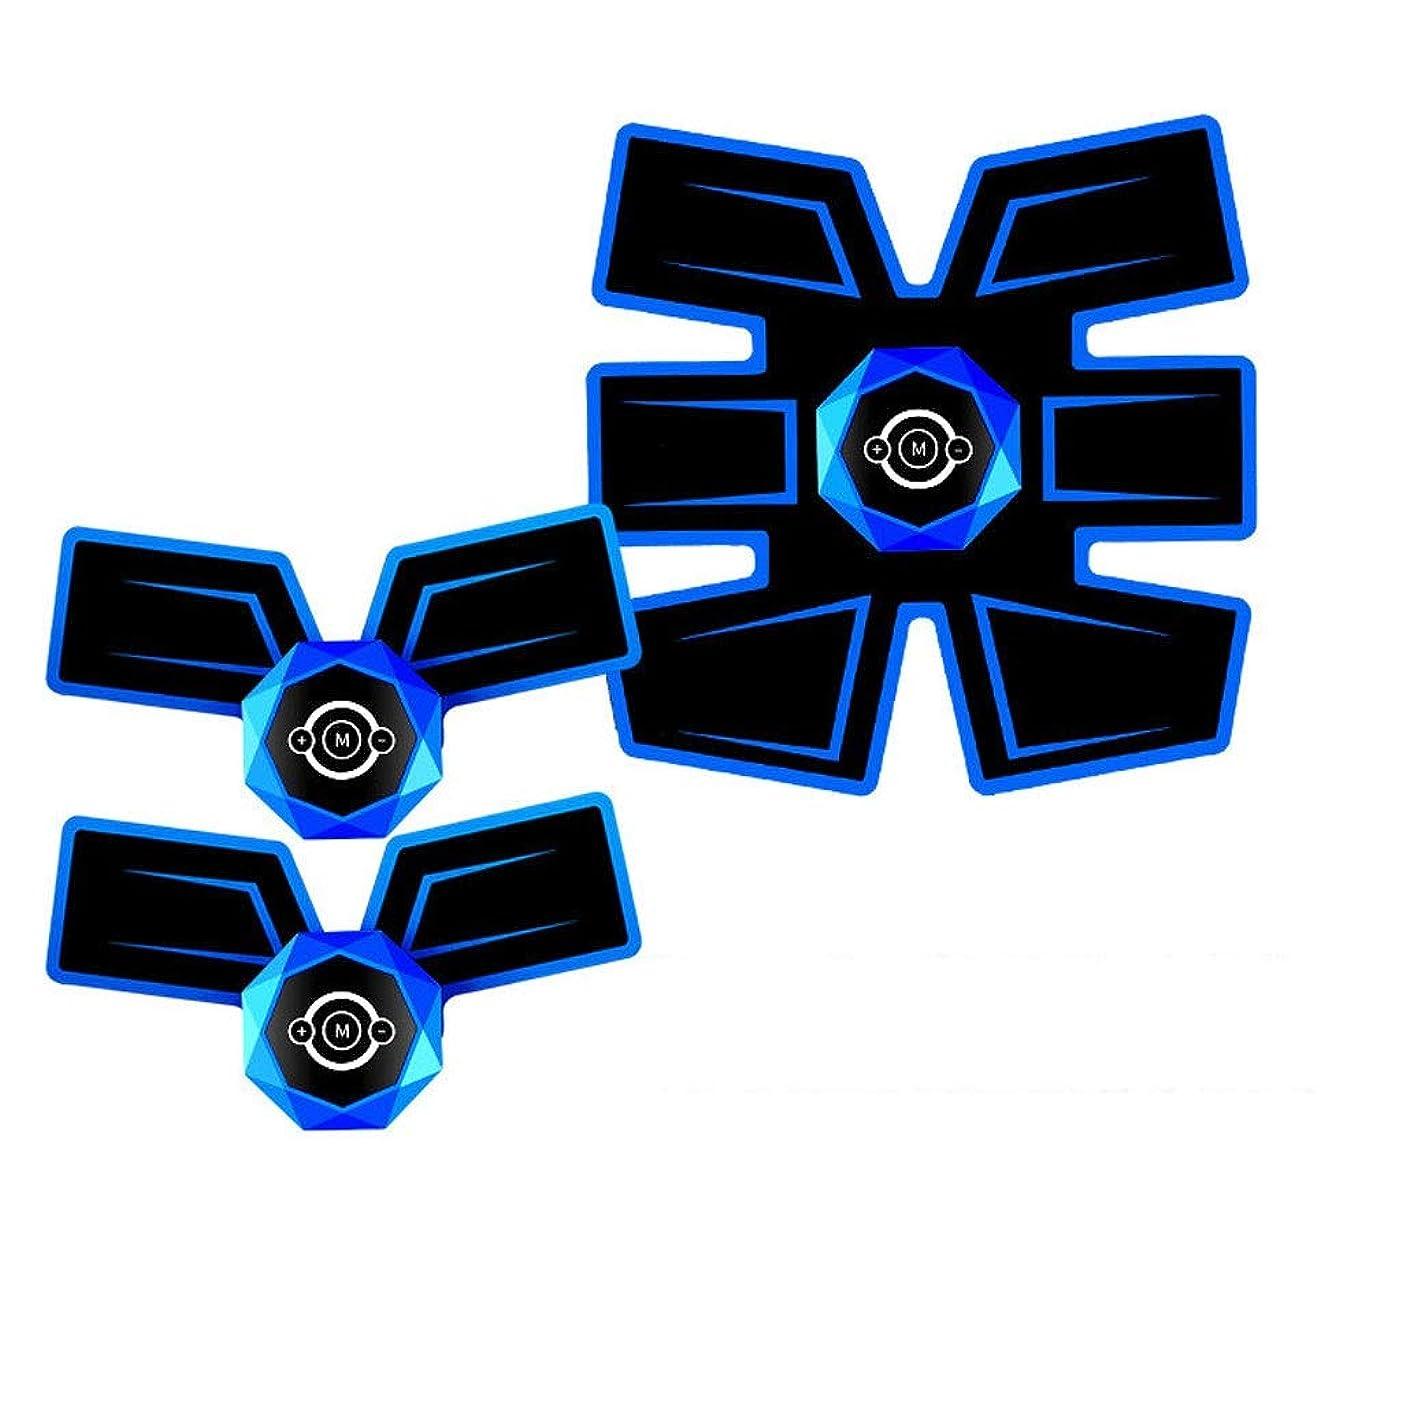 ハッチハウジング転用腹筋刺激装置、インテリジェントな音声ブロードキャストとUSB充電、Esther Beauty EMSトレーナー筋肉トナー腹部調色ベルトフィットネス機器 (Color : Voice-Blue2, Size : C)